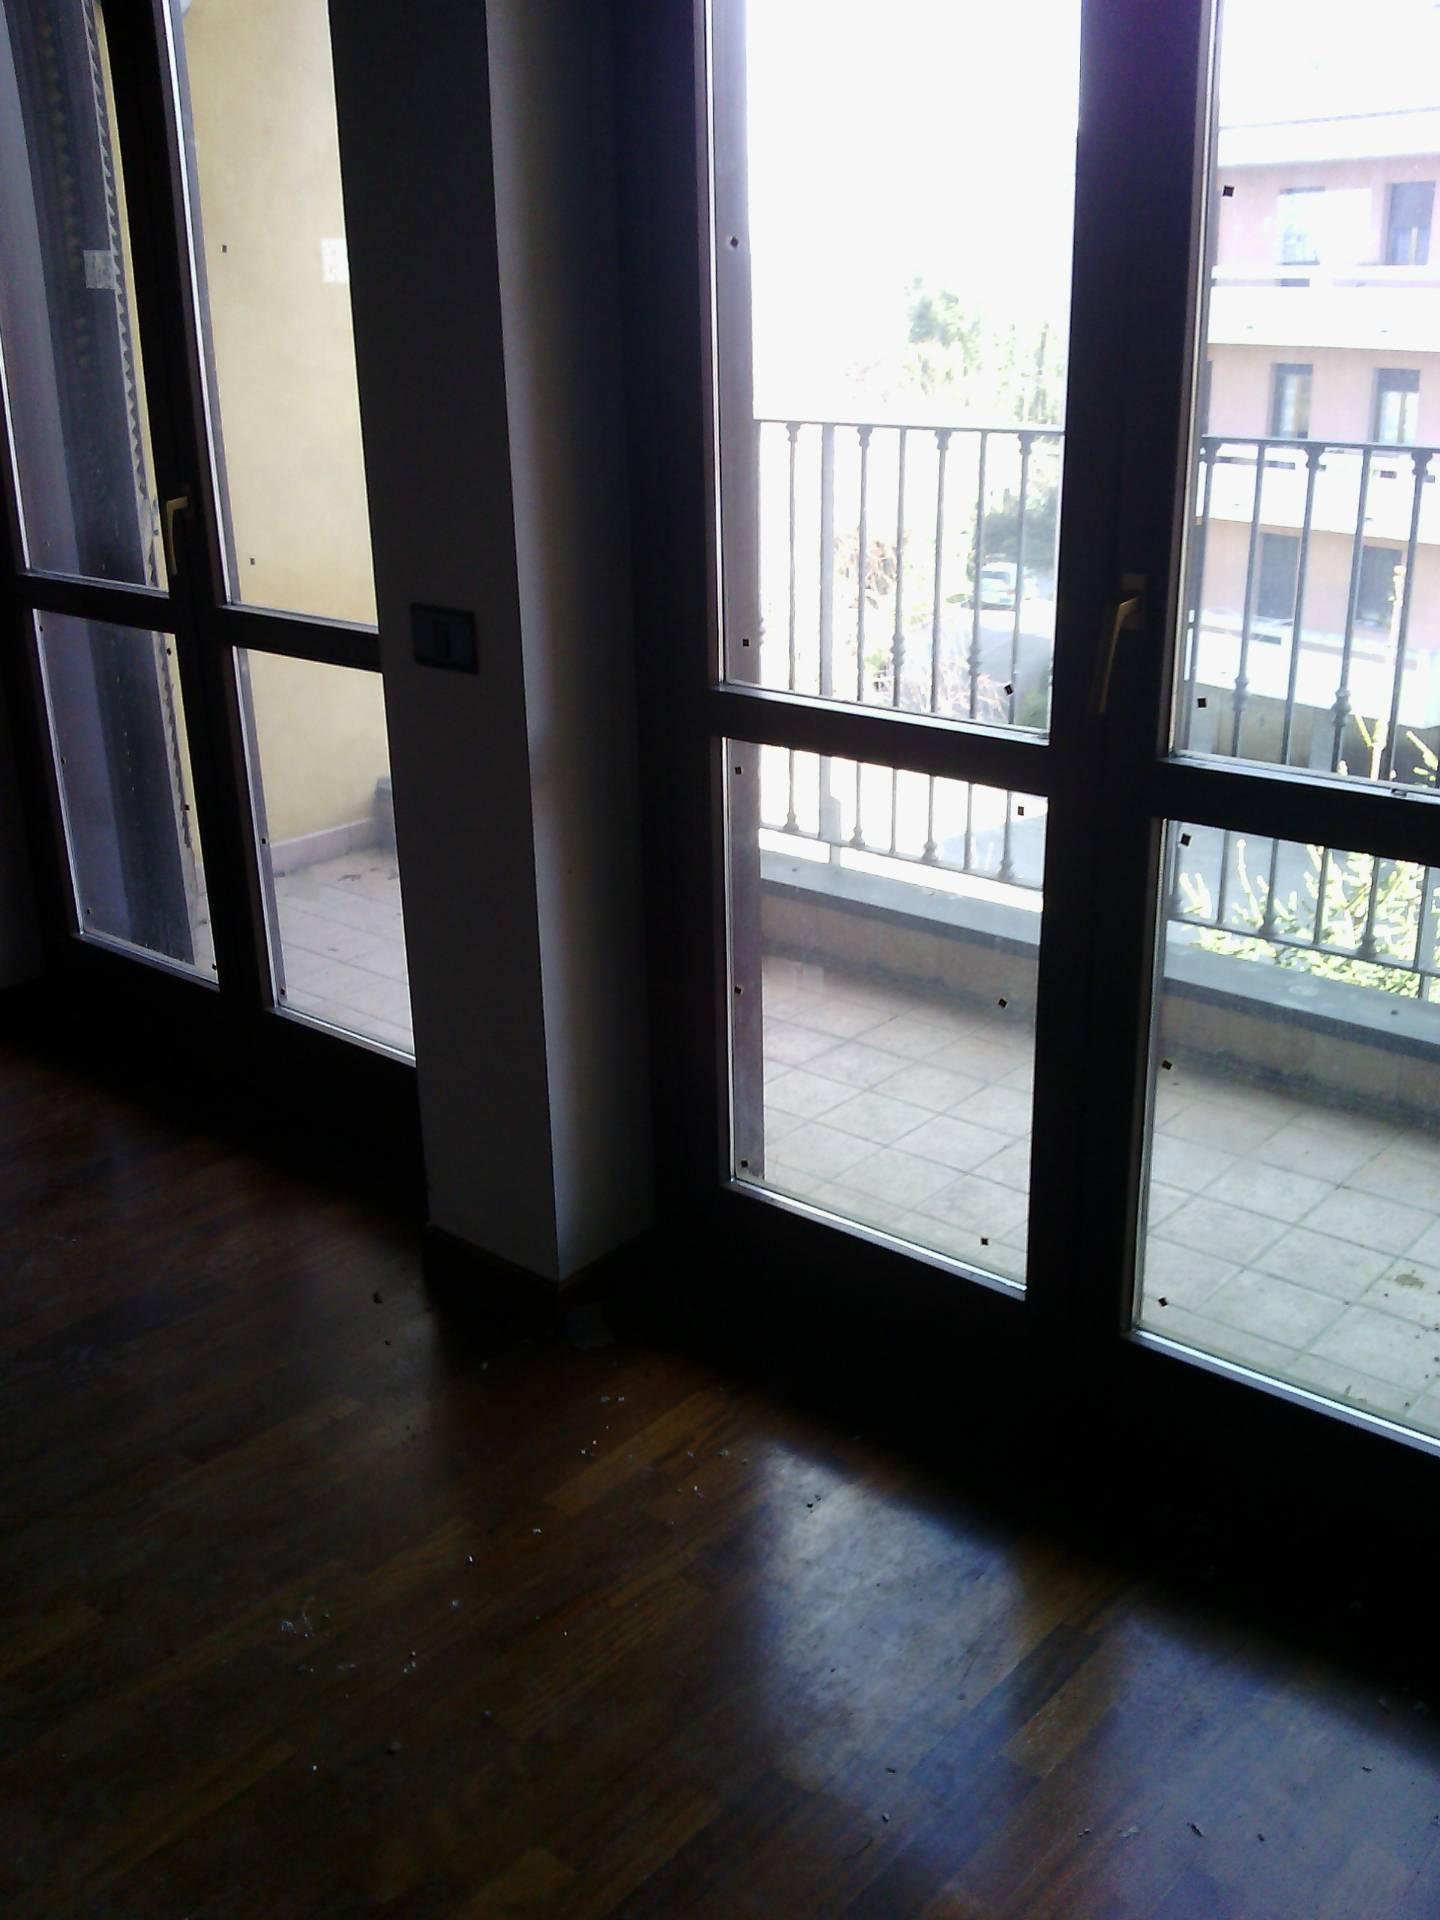 Appartamento in affitto a Cavaria con Premezzo, 3 locali, zona Zona: Premezzo, prezzo € 550   CambioCasa.it